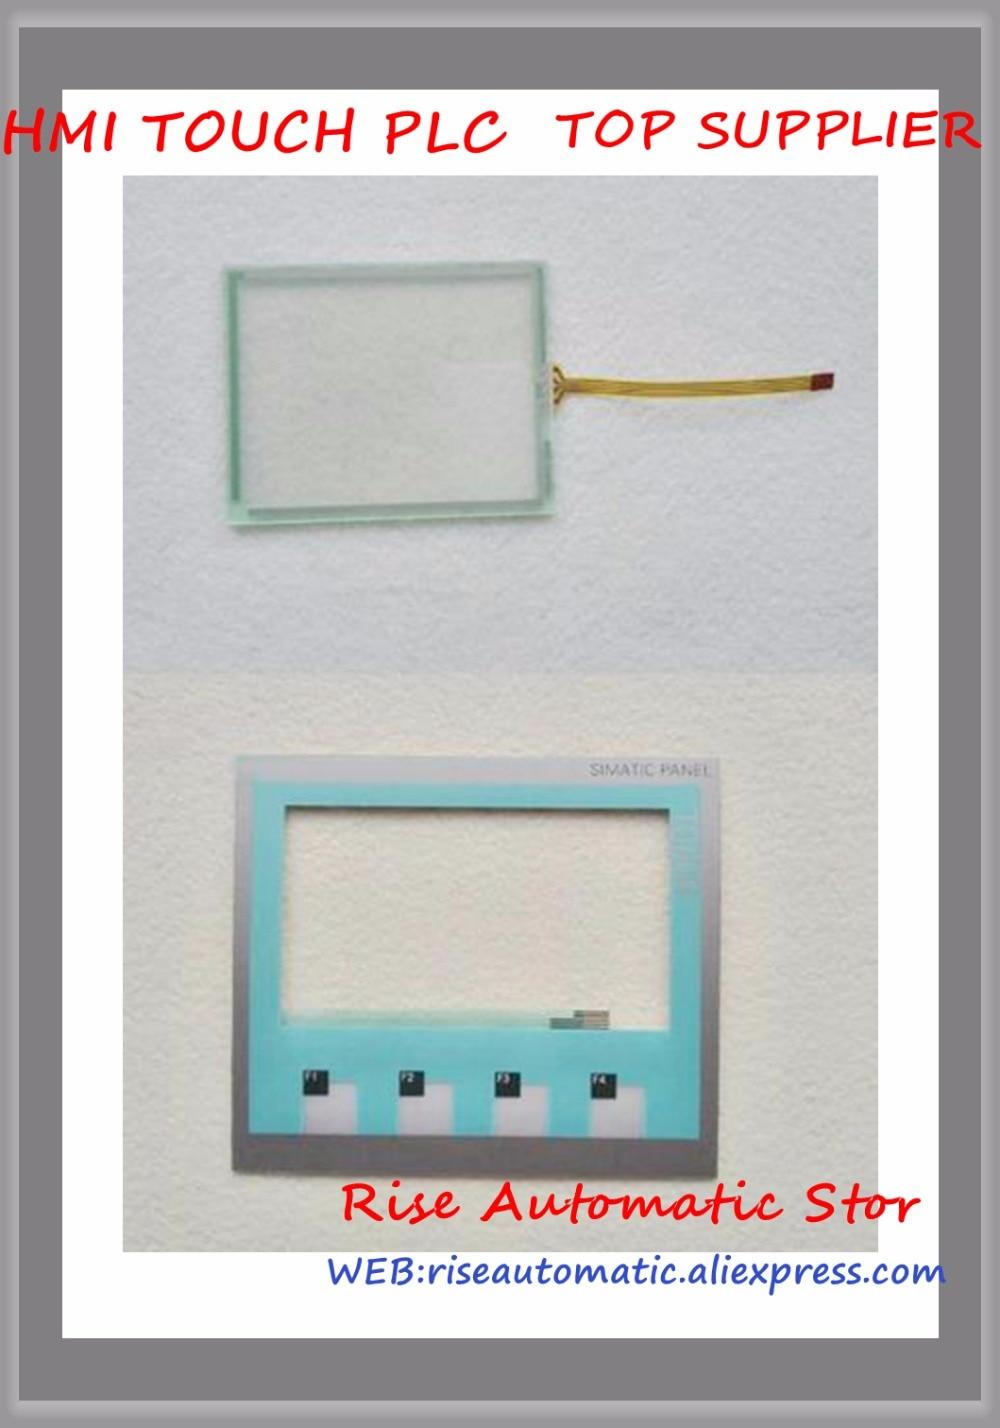 Yeni KTP400 HMI Dokunmatik Panel cam + koruyucu film 6AV6647-0AA11-3AX0 6AV66470AA113AX0Yeni KTP400 HMI Dokunmatik Panel cam + koruyucu film 6AV6647-0AA11-3AX0 6AV66470AA113AX0